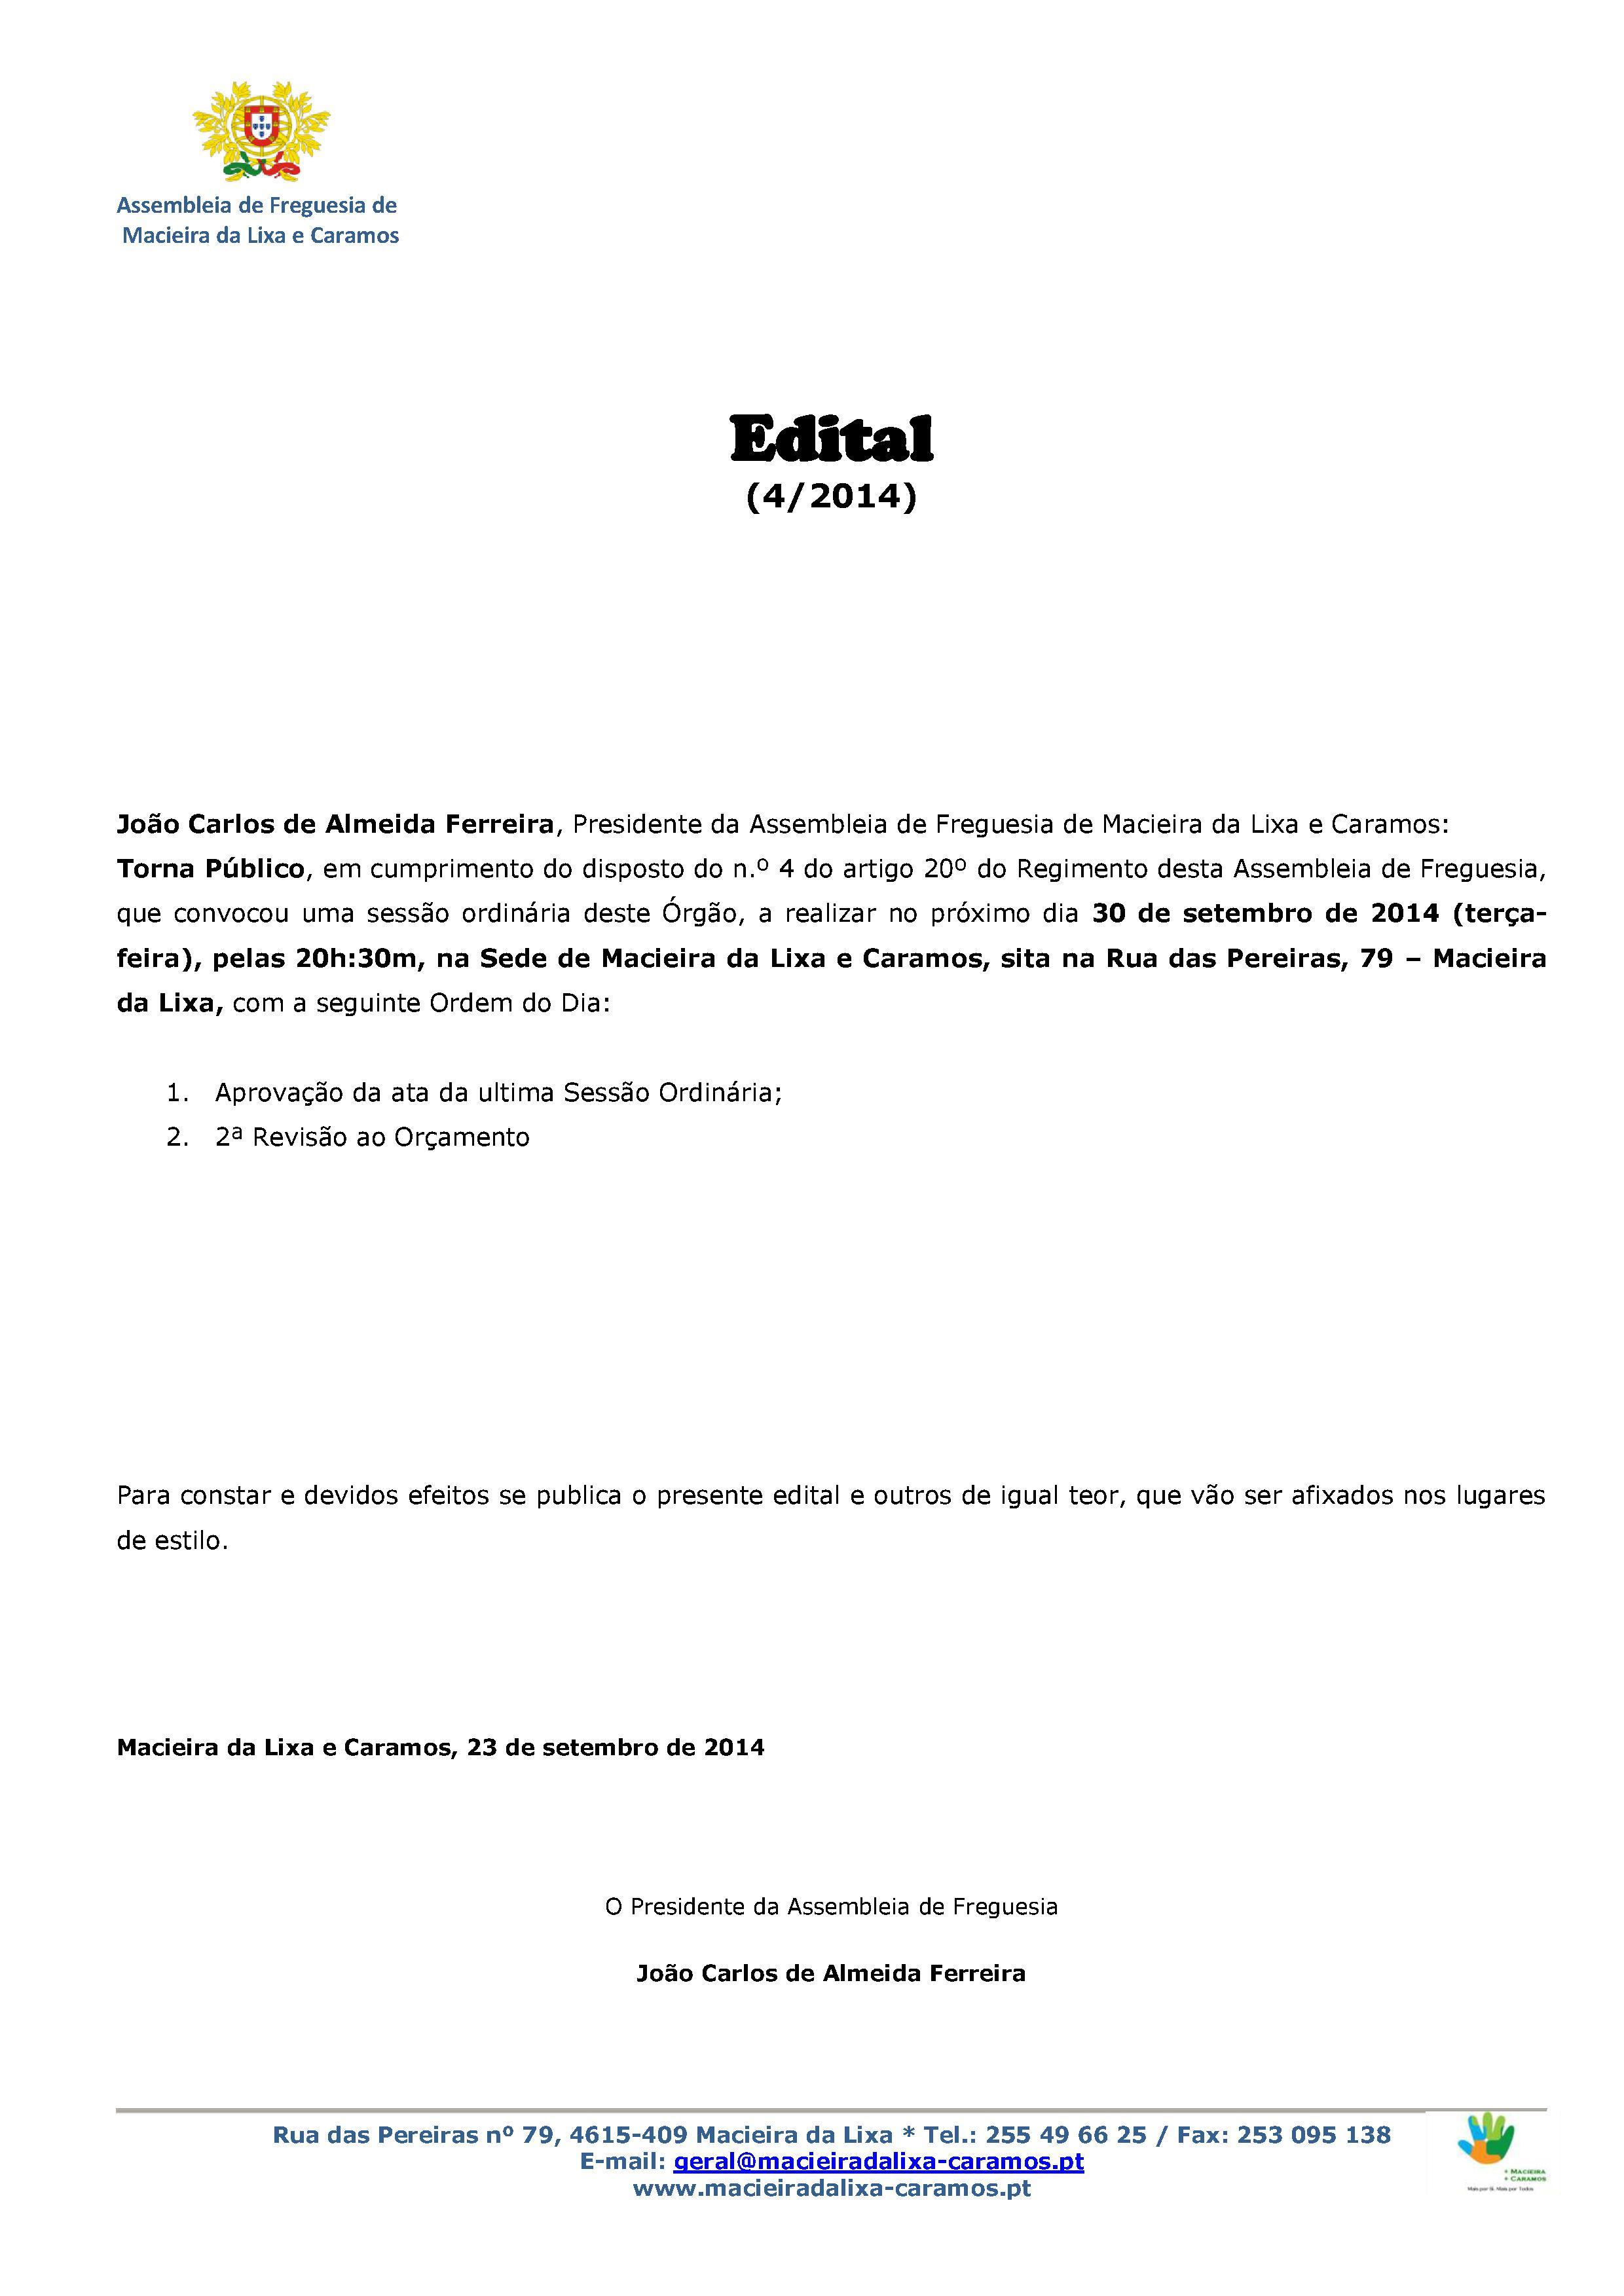 Edital_4_Sessão Ordinária da Assembleia de Freguesia 2014-page1